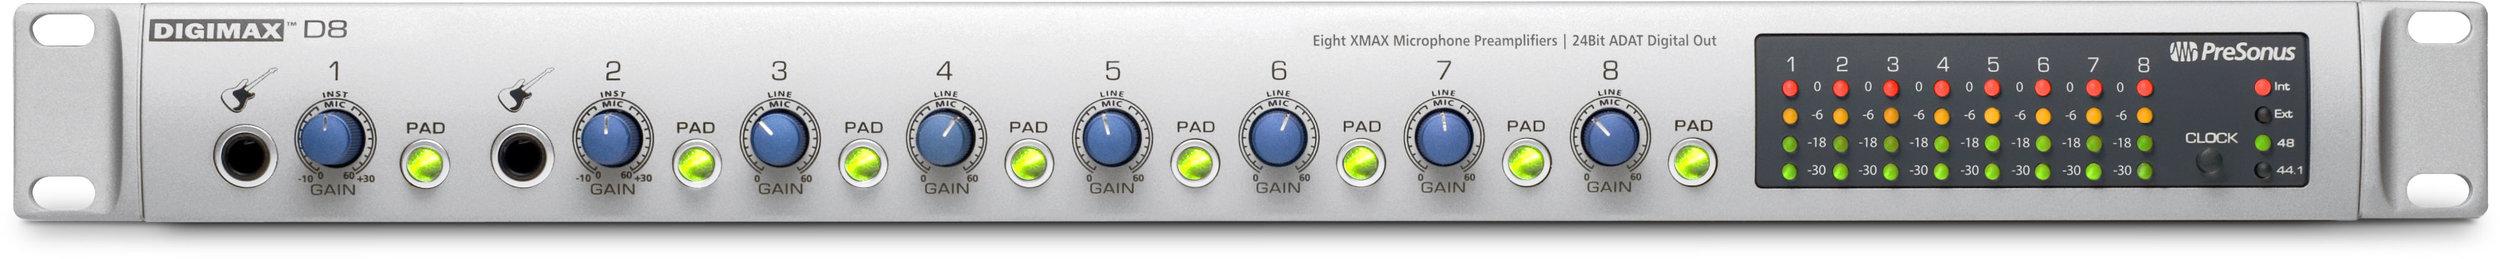 Presonus 8-Channel Preamplifier in Digikit Multichannel USB Mixer